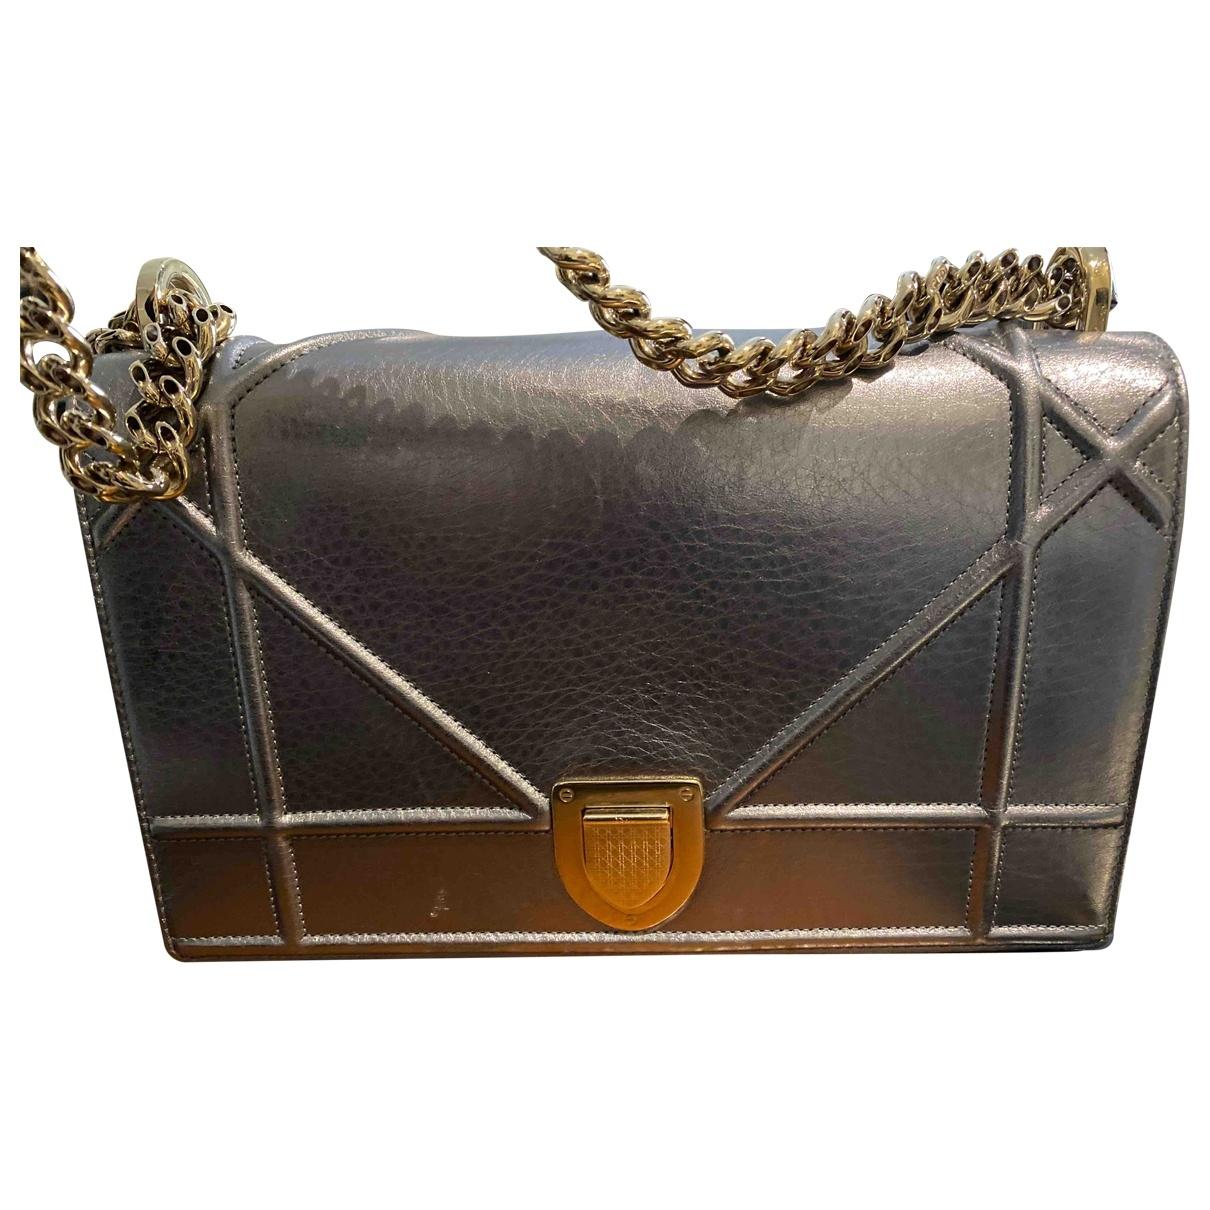 Dior - Sac a main Diorama pour femme en cuir - metallise